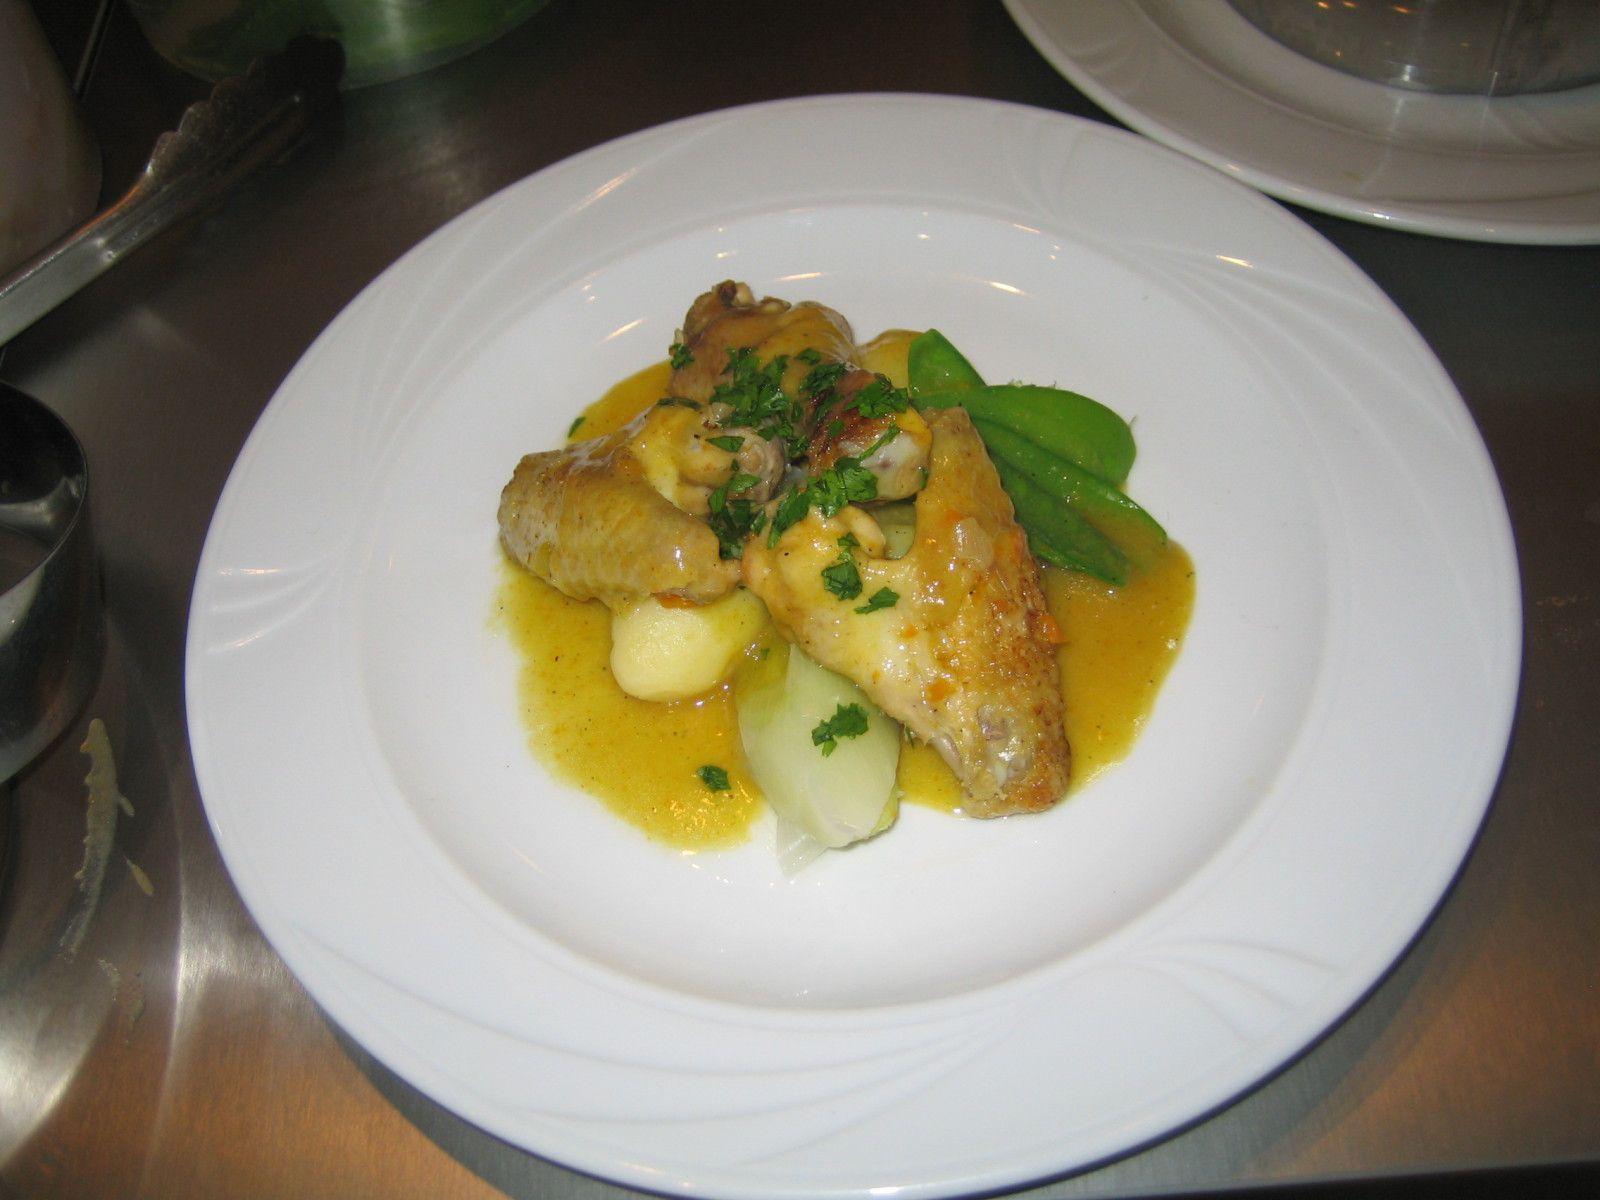 cuisine-armand